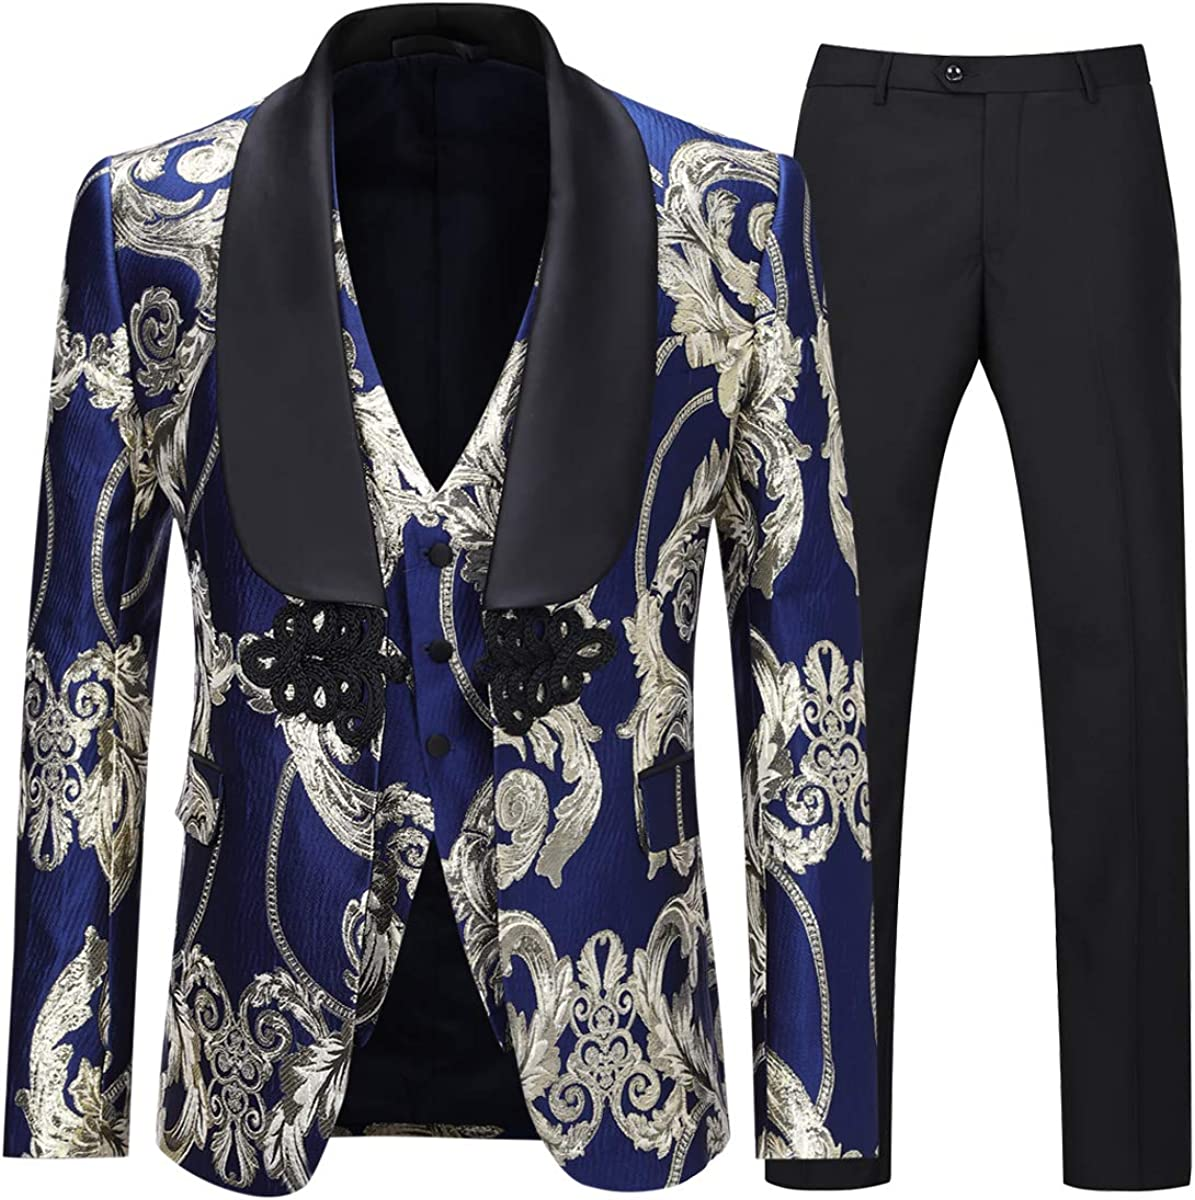 Boyland Men's Luxury Tuxedo Suit Slim Fit 3 Pieces Shawl Lapel Golden Floral Prom Dinner Tux Suit Jacket Vest Pants